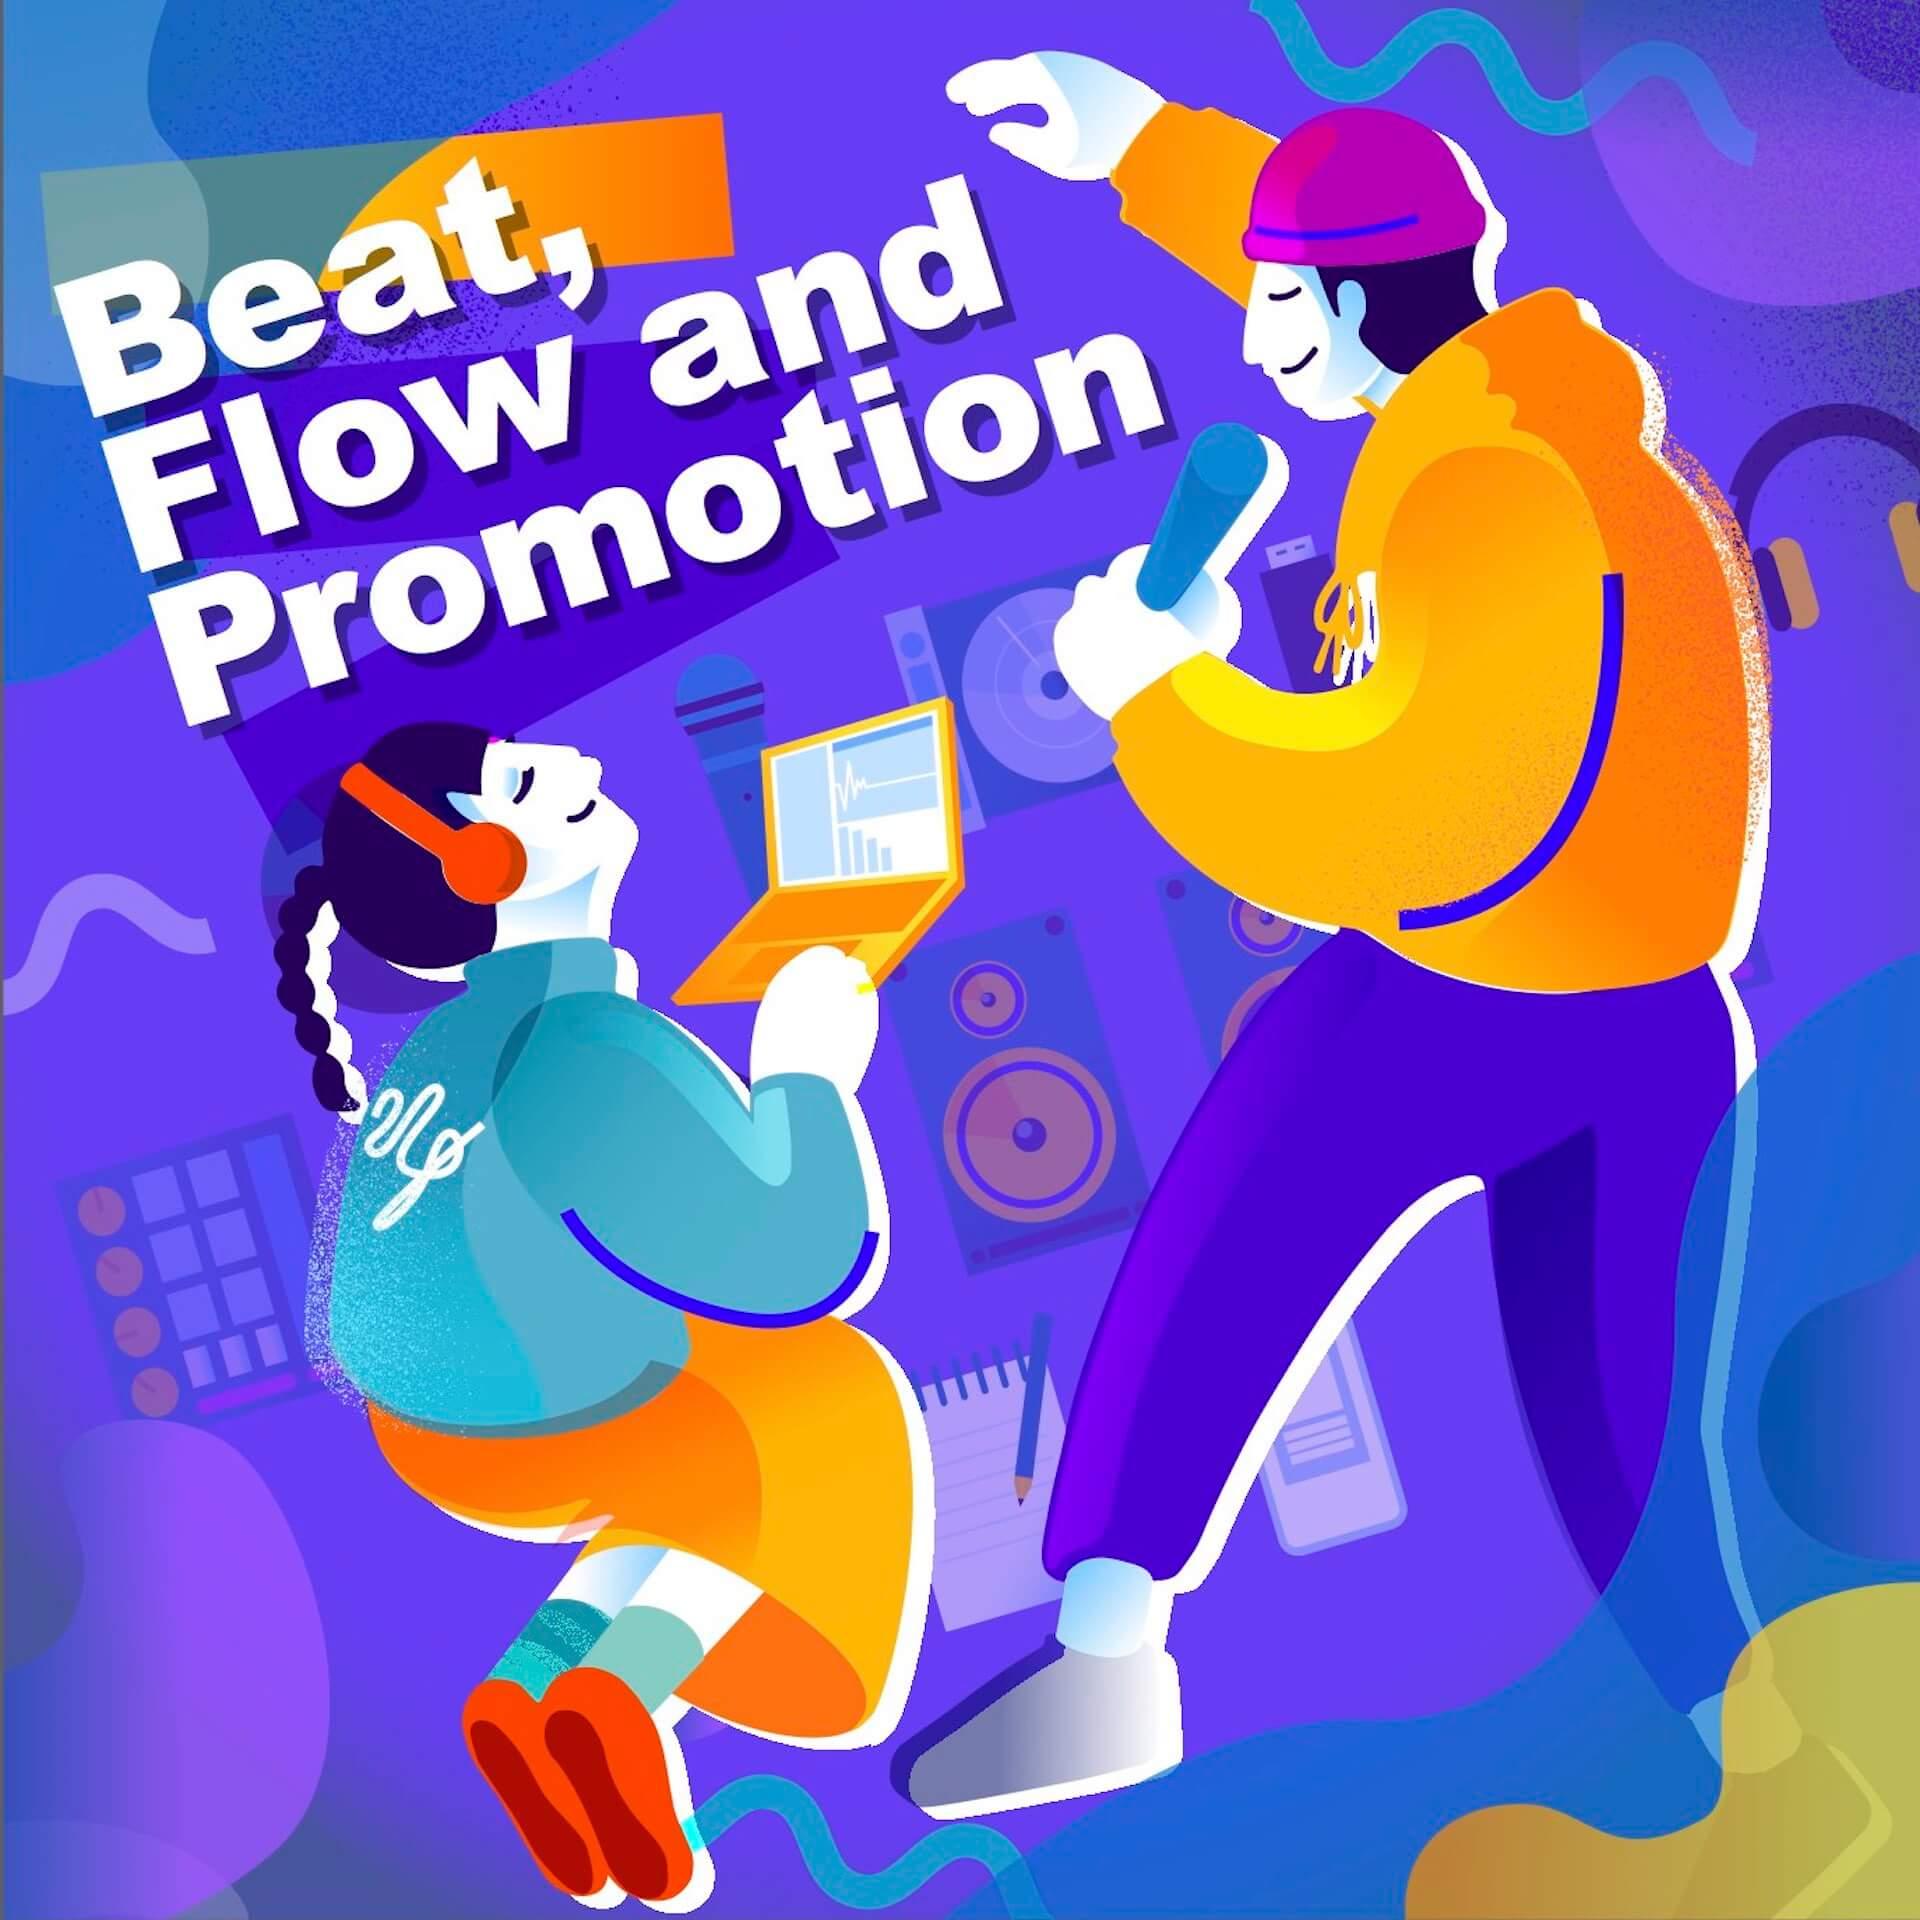 渋谷PARCO「GAKU」でヒップホップの楽曲制作、配信、プロモーションを学べる「Beat, Flow and Promotion」が開講|Daichi Yamamotoら参加 music200327_beatflowpromotion_4